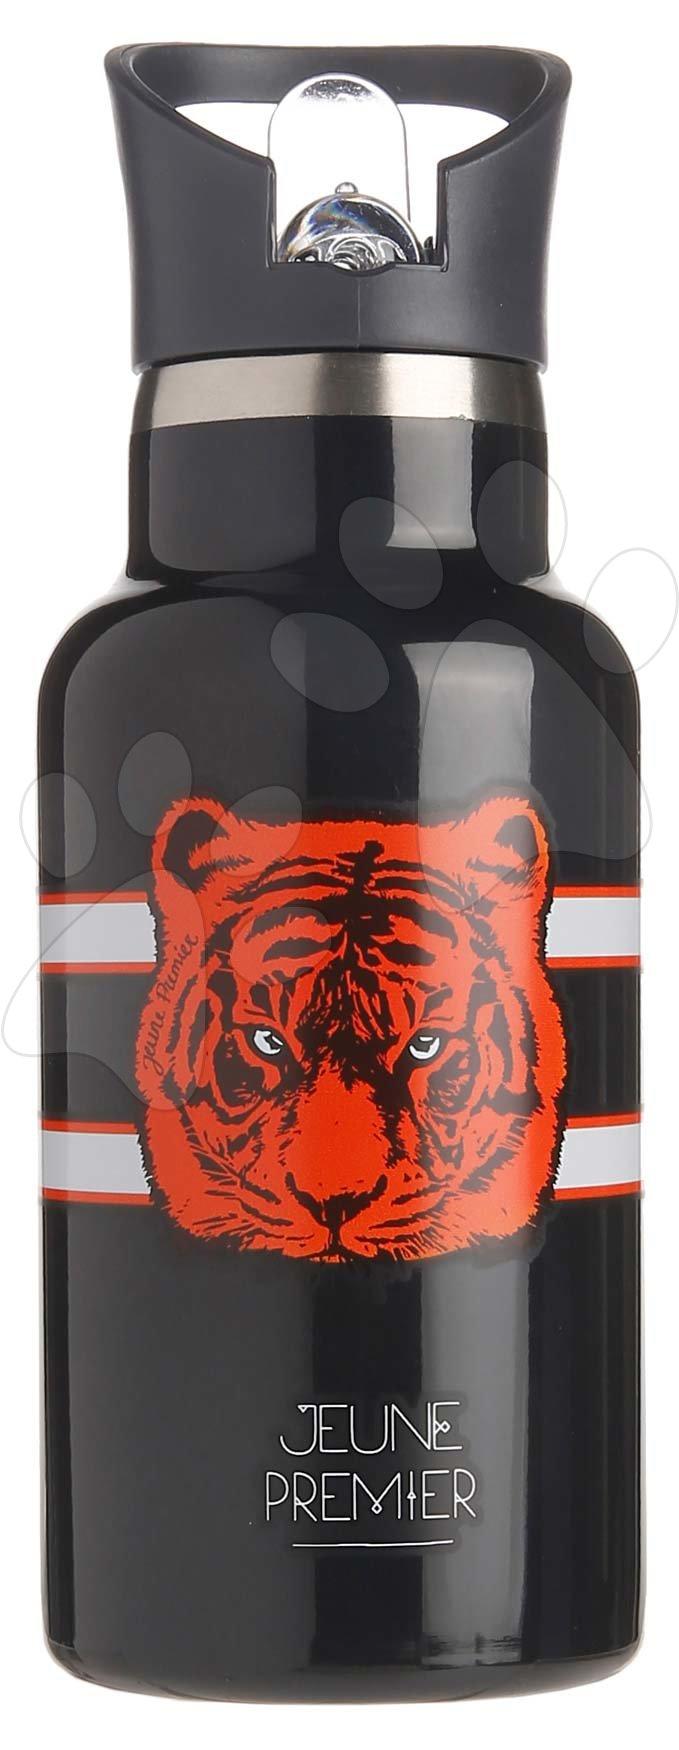 Školská fľaša na vodu Drinking Bottle Tiger Twins Jeune Premier ergonomická luxusné prevedenie 17*7 cm